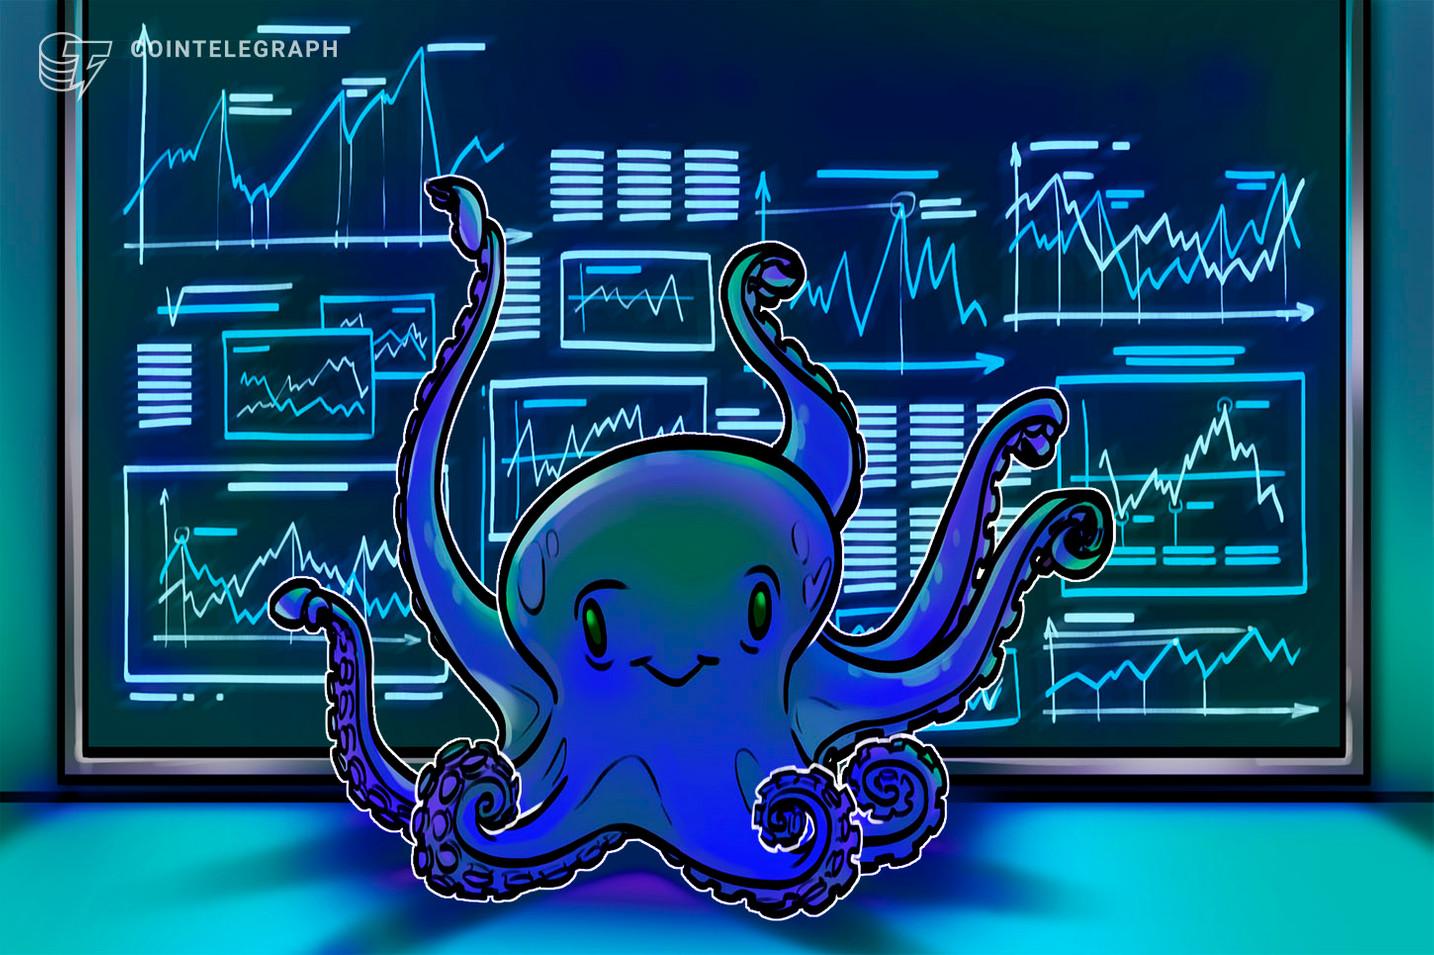 仮想通貨取引所クラーケン、SPACを通じた株式公開には「大きすぎる」